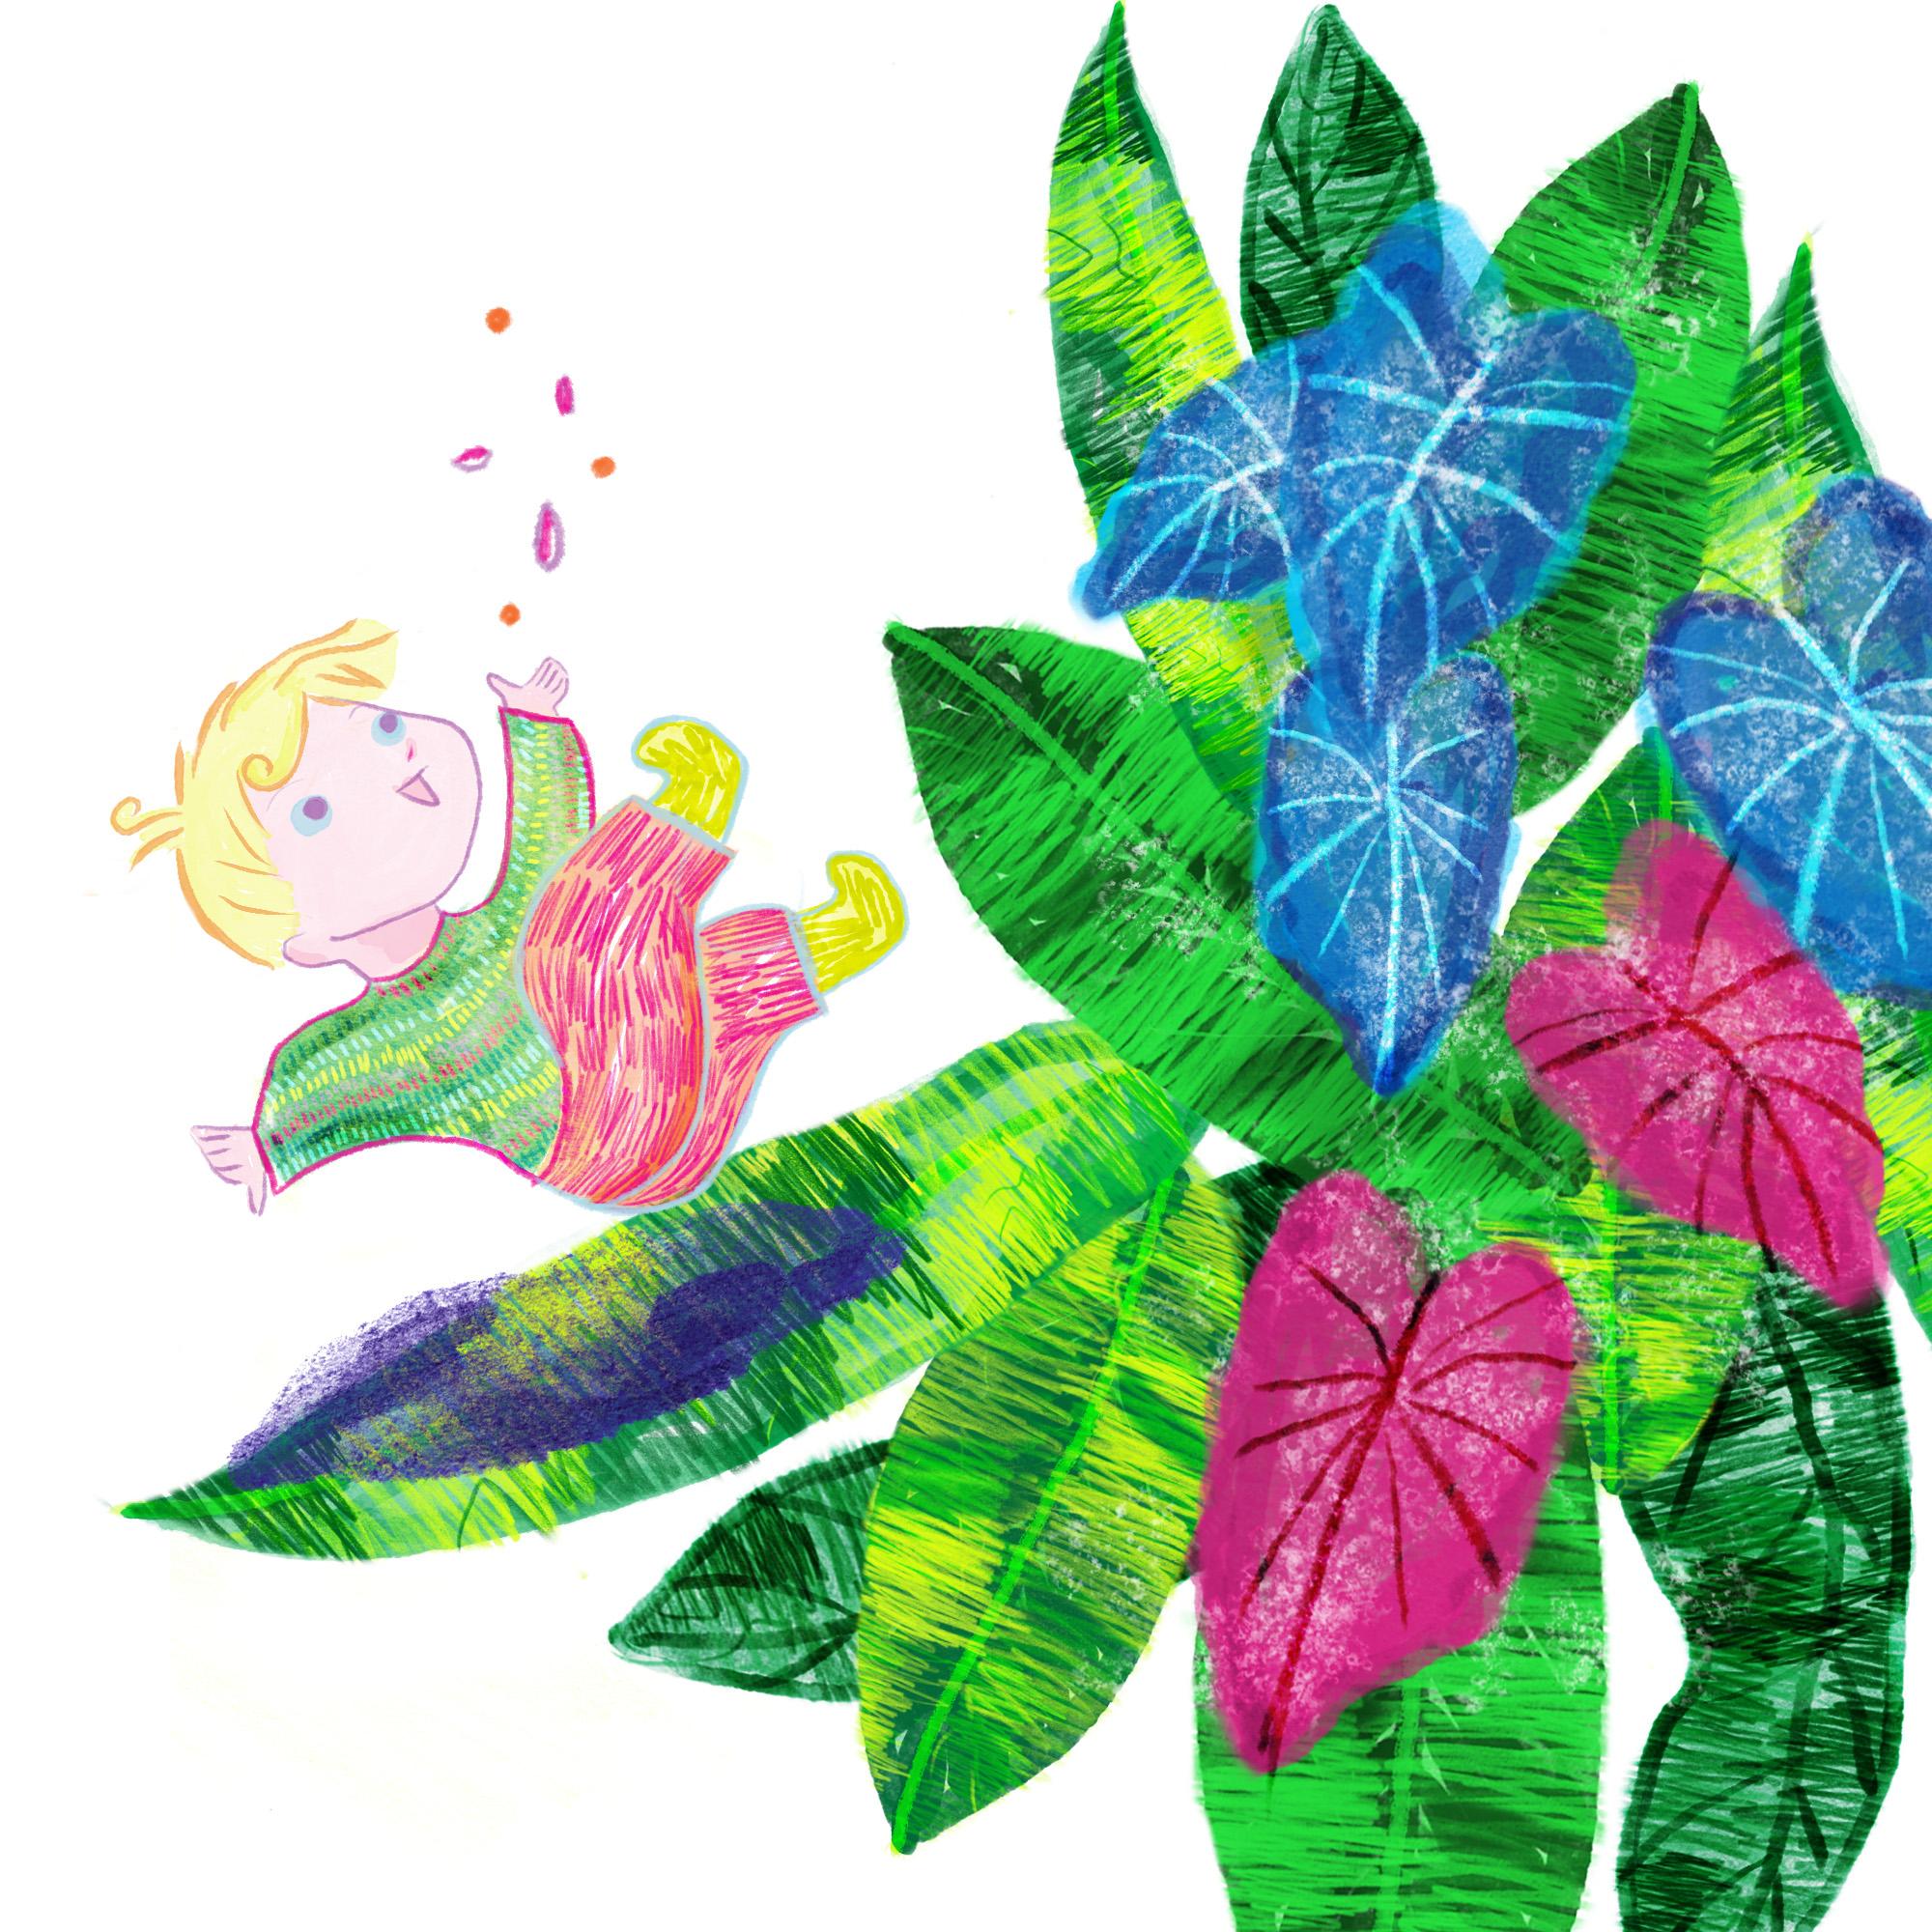 kinderboek tekenar tekener teken illustratie english nederlands plant flower green leaf boy seeds play playful children children's book illustration watercolor pencil boy adventure digital